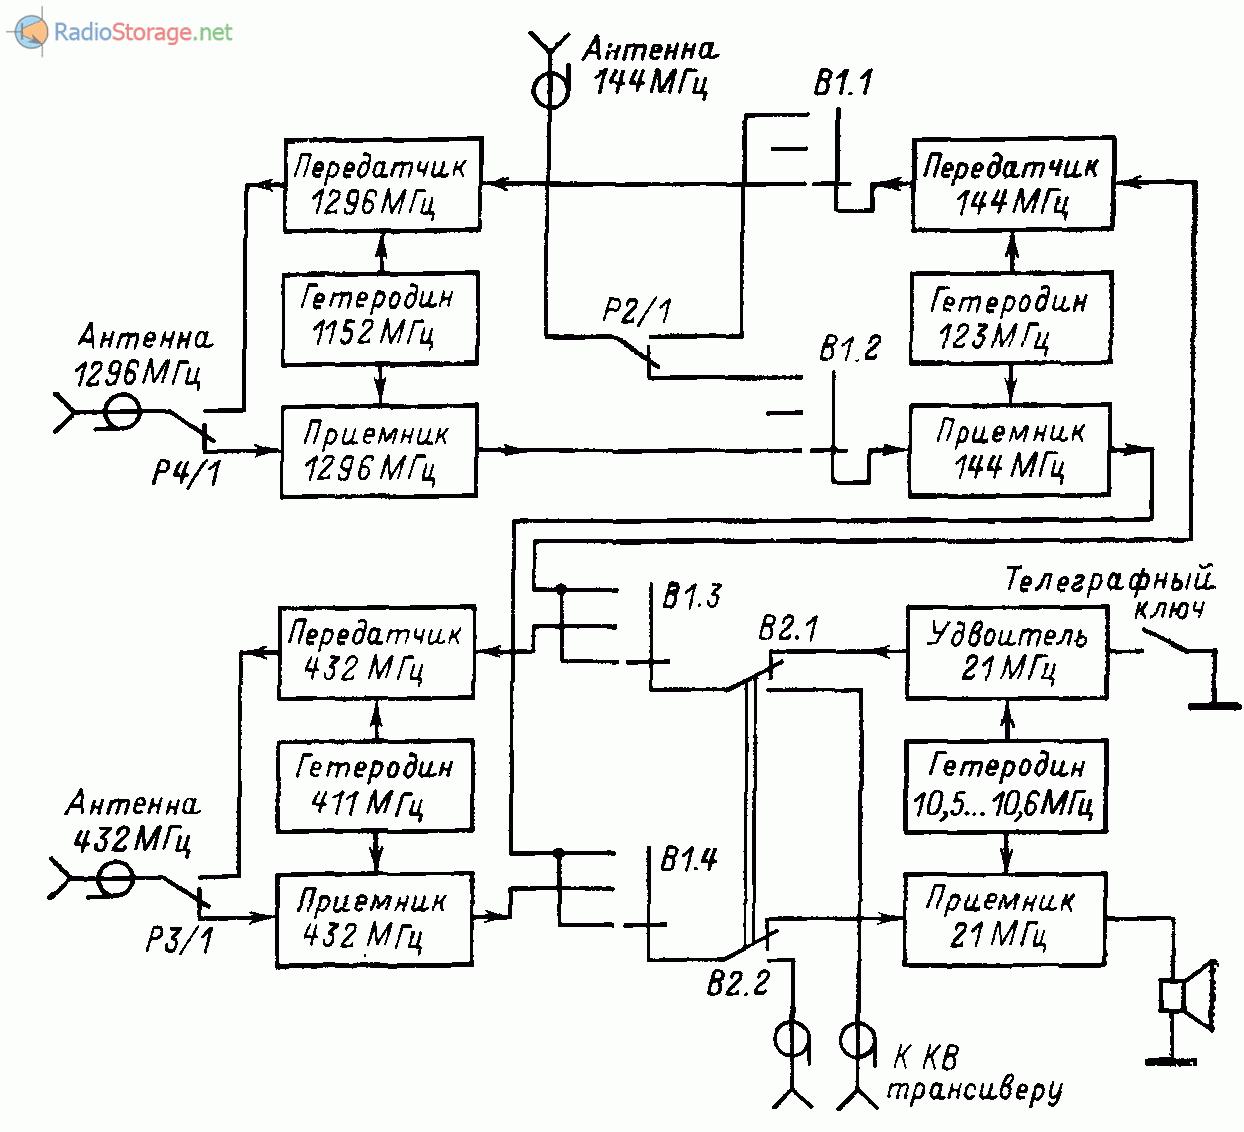 Схема радиостанции укв